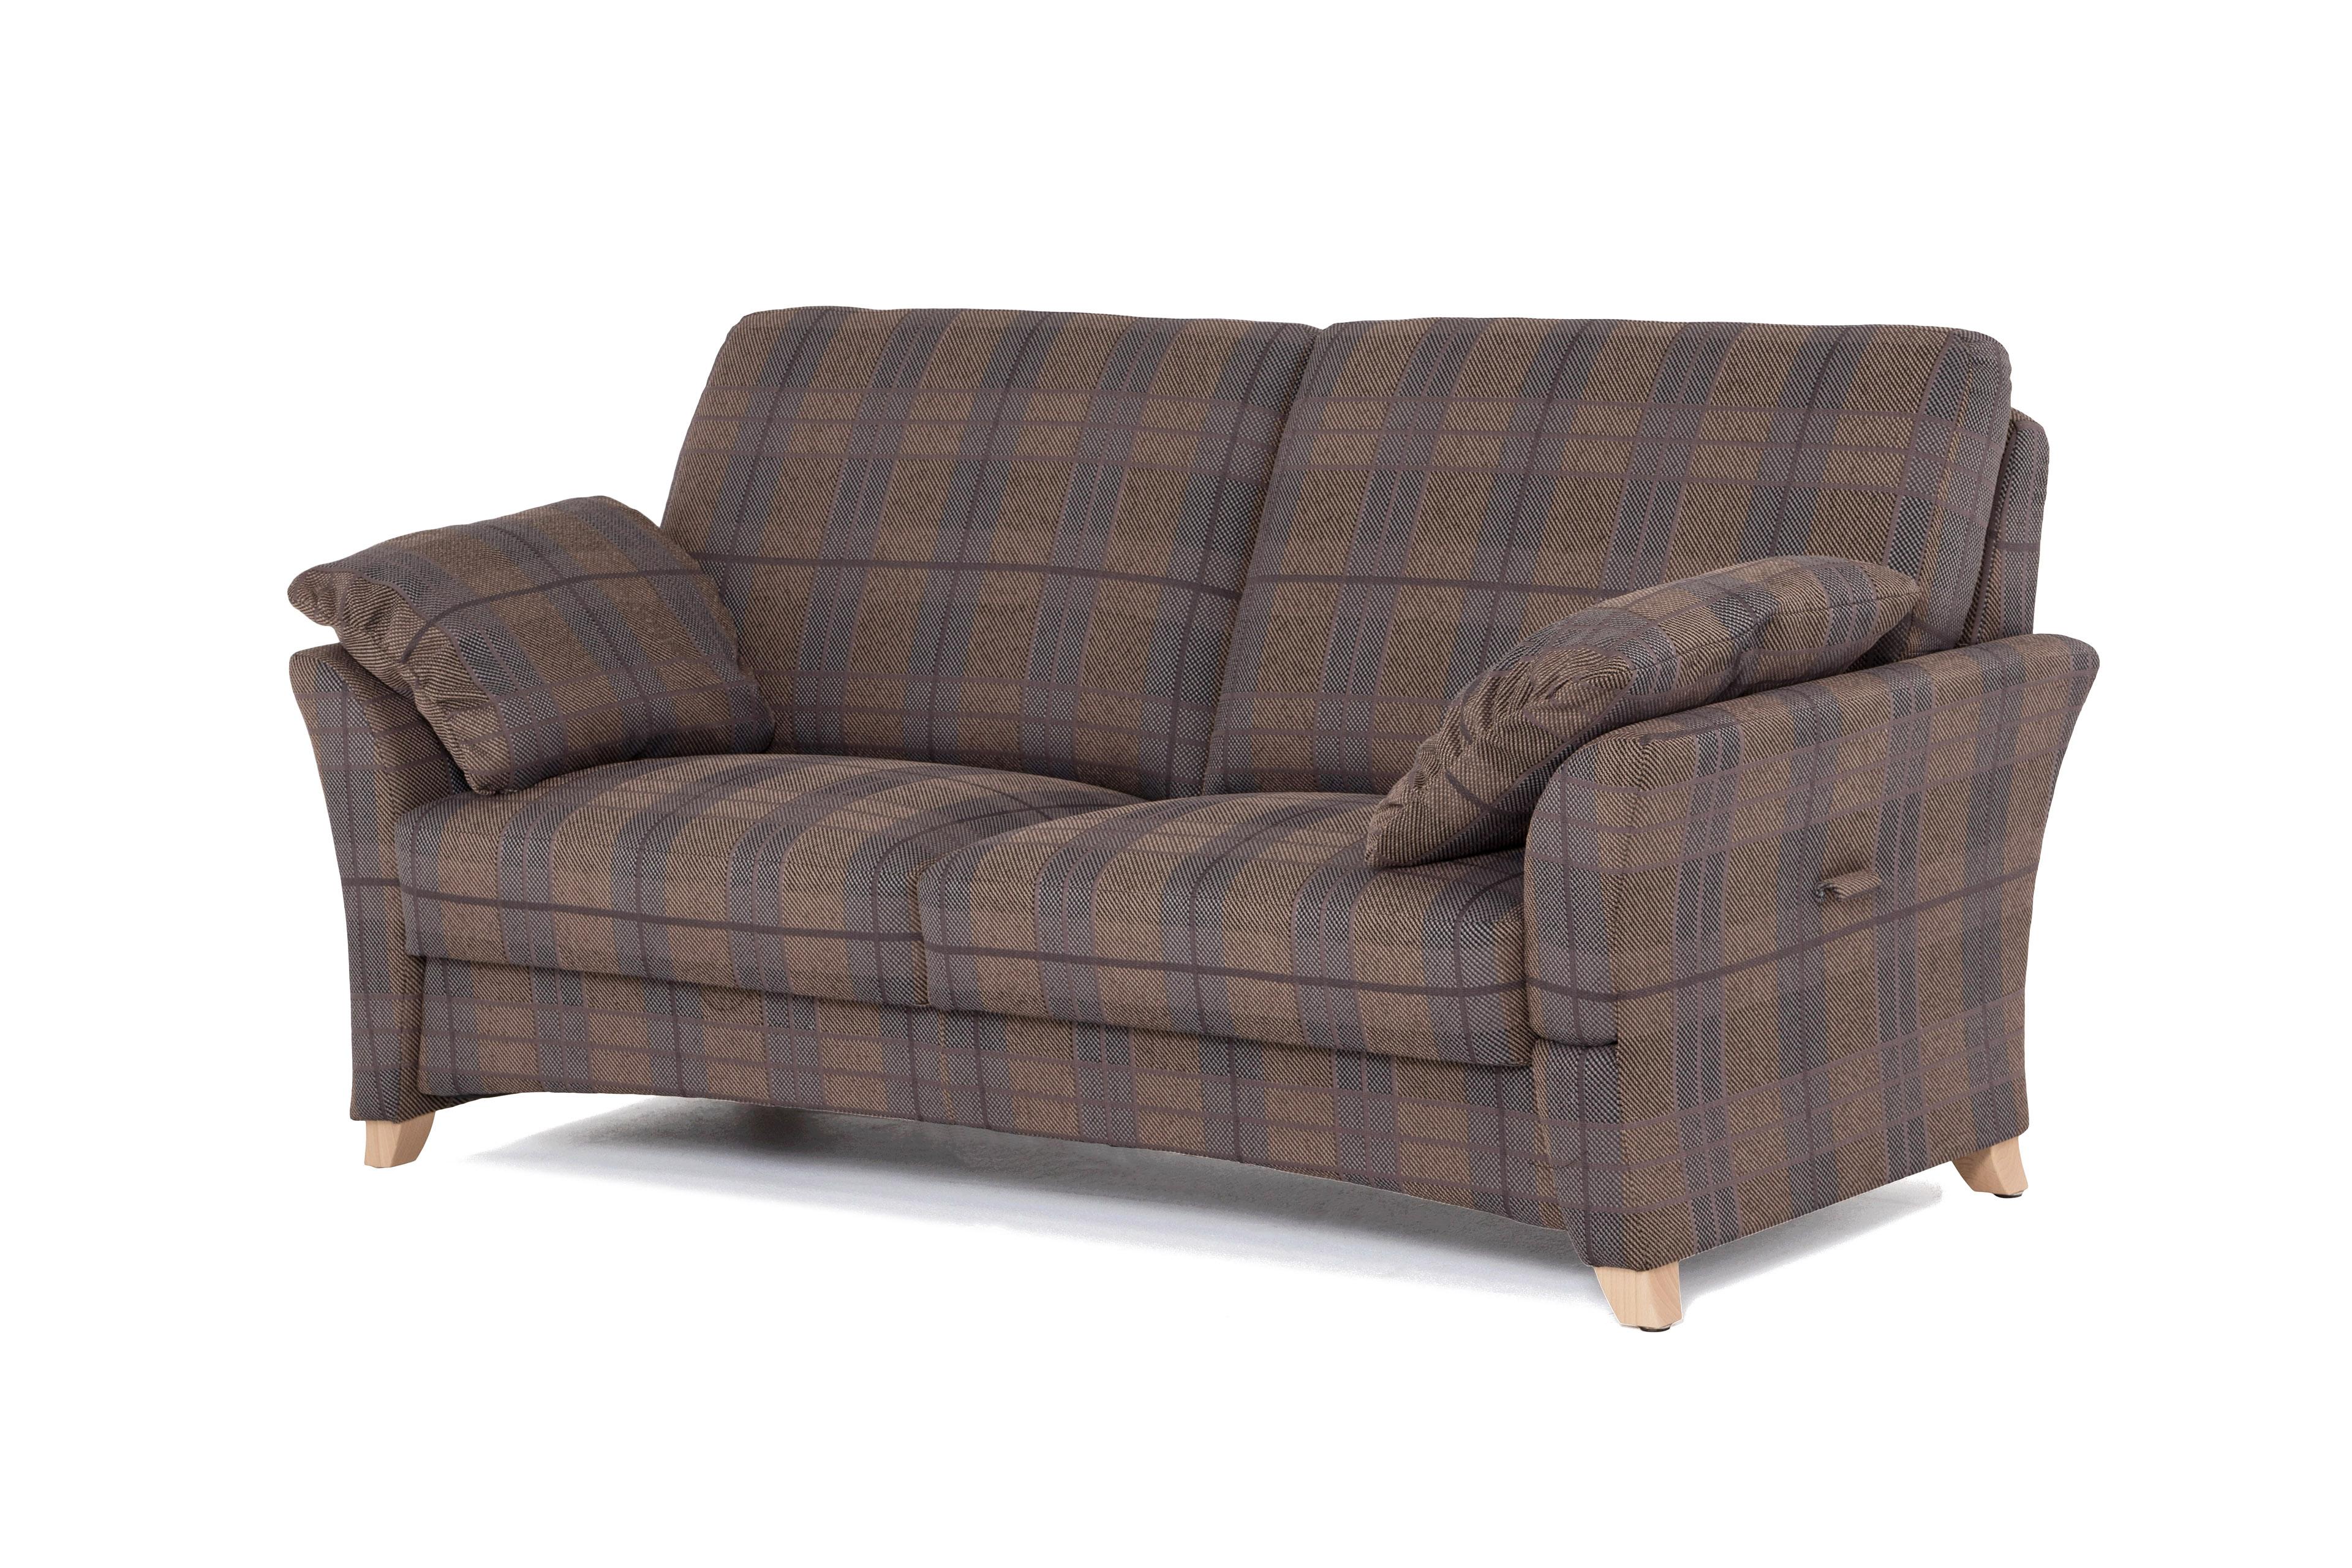 Sofa Ratenkauf Trendy Sofa Elemente Groartig Brhl Sofa With Sofa